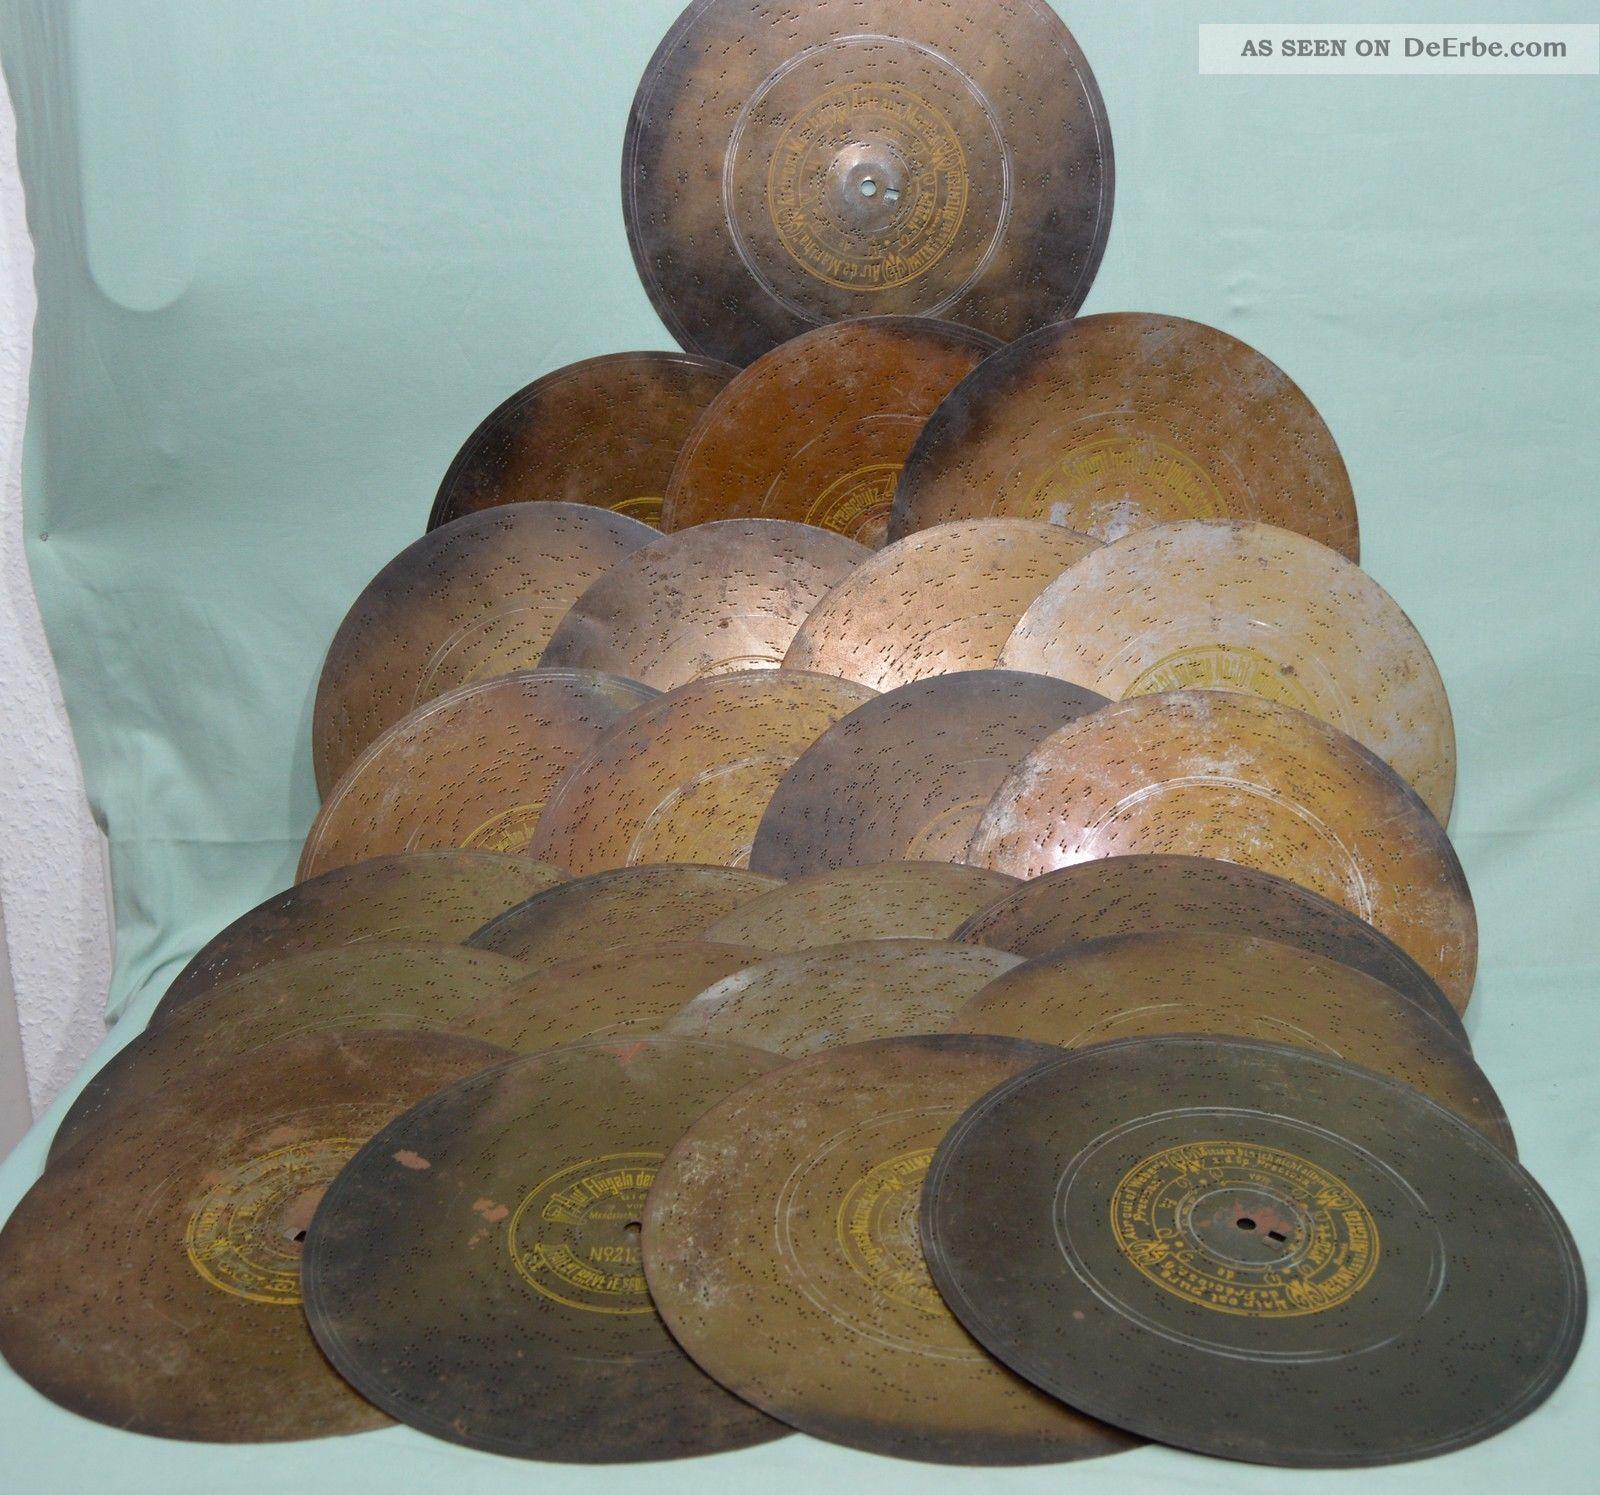 24 Blech Platten Durchm.  27cm Für Symphonion Polyphon Spieluhr Spiedose Um 1900 Mechanische Musik Bild